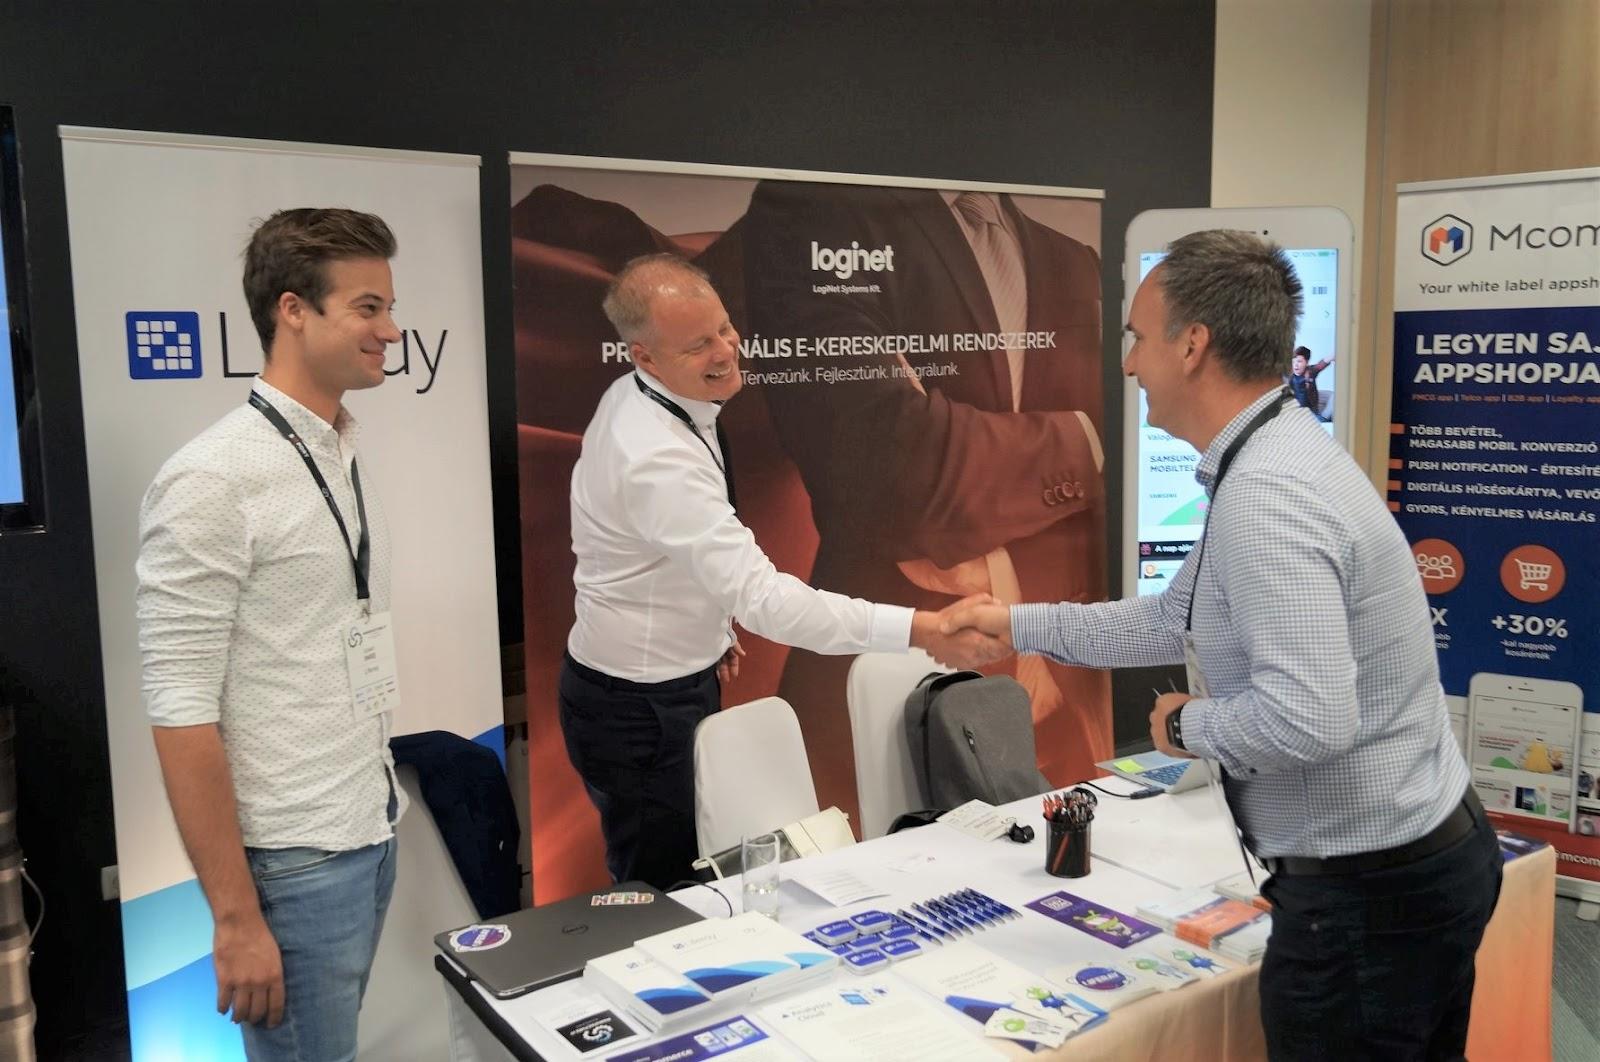 A LogiNet a Liferay partnere, amely a világ egyik vezető nyílt forráskódú portál- és keretrendszere